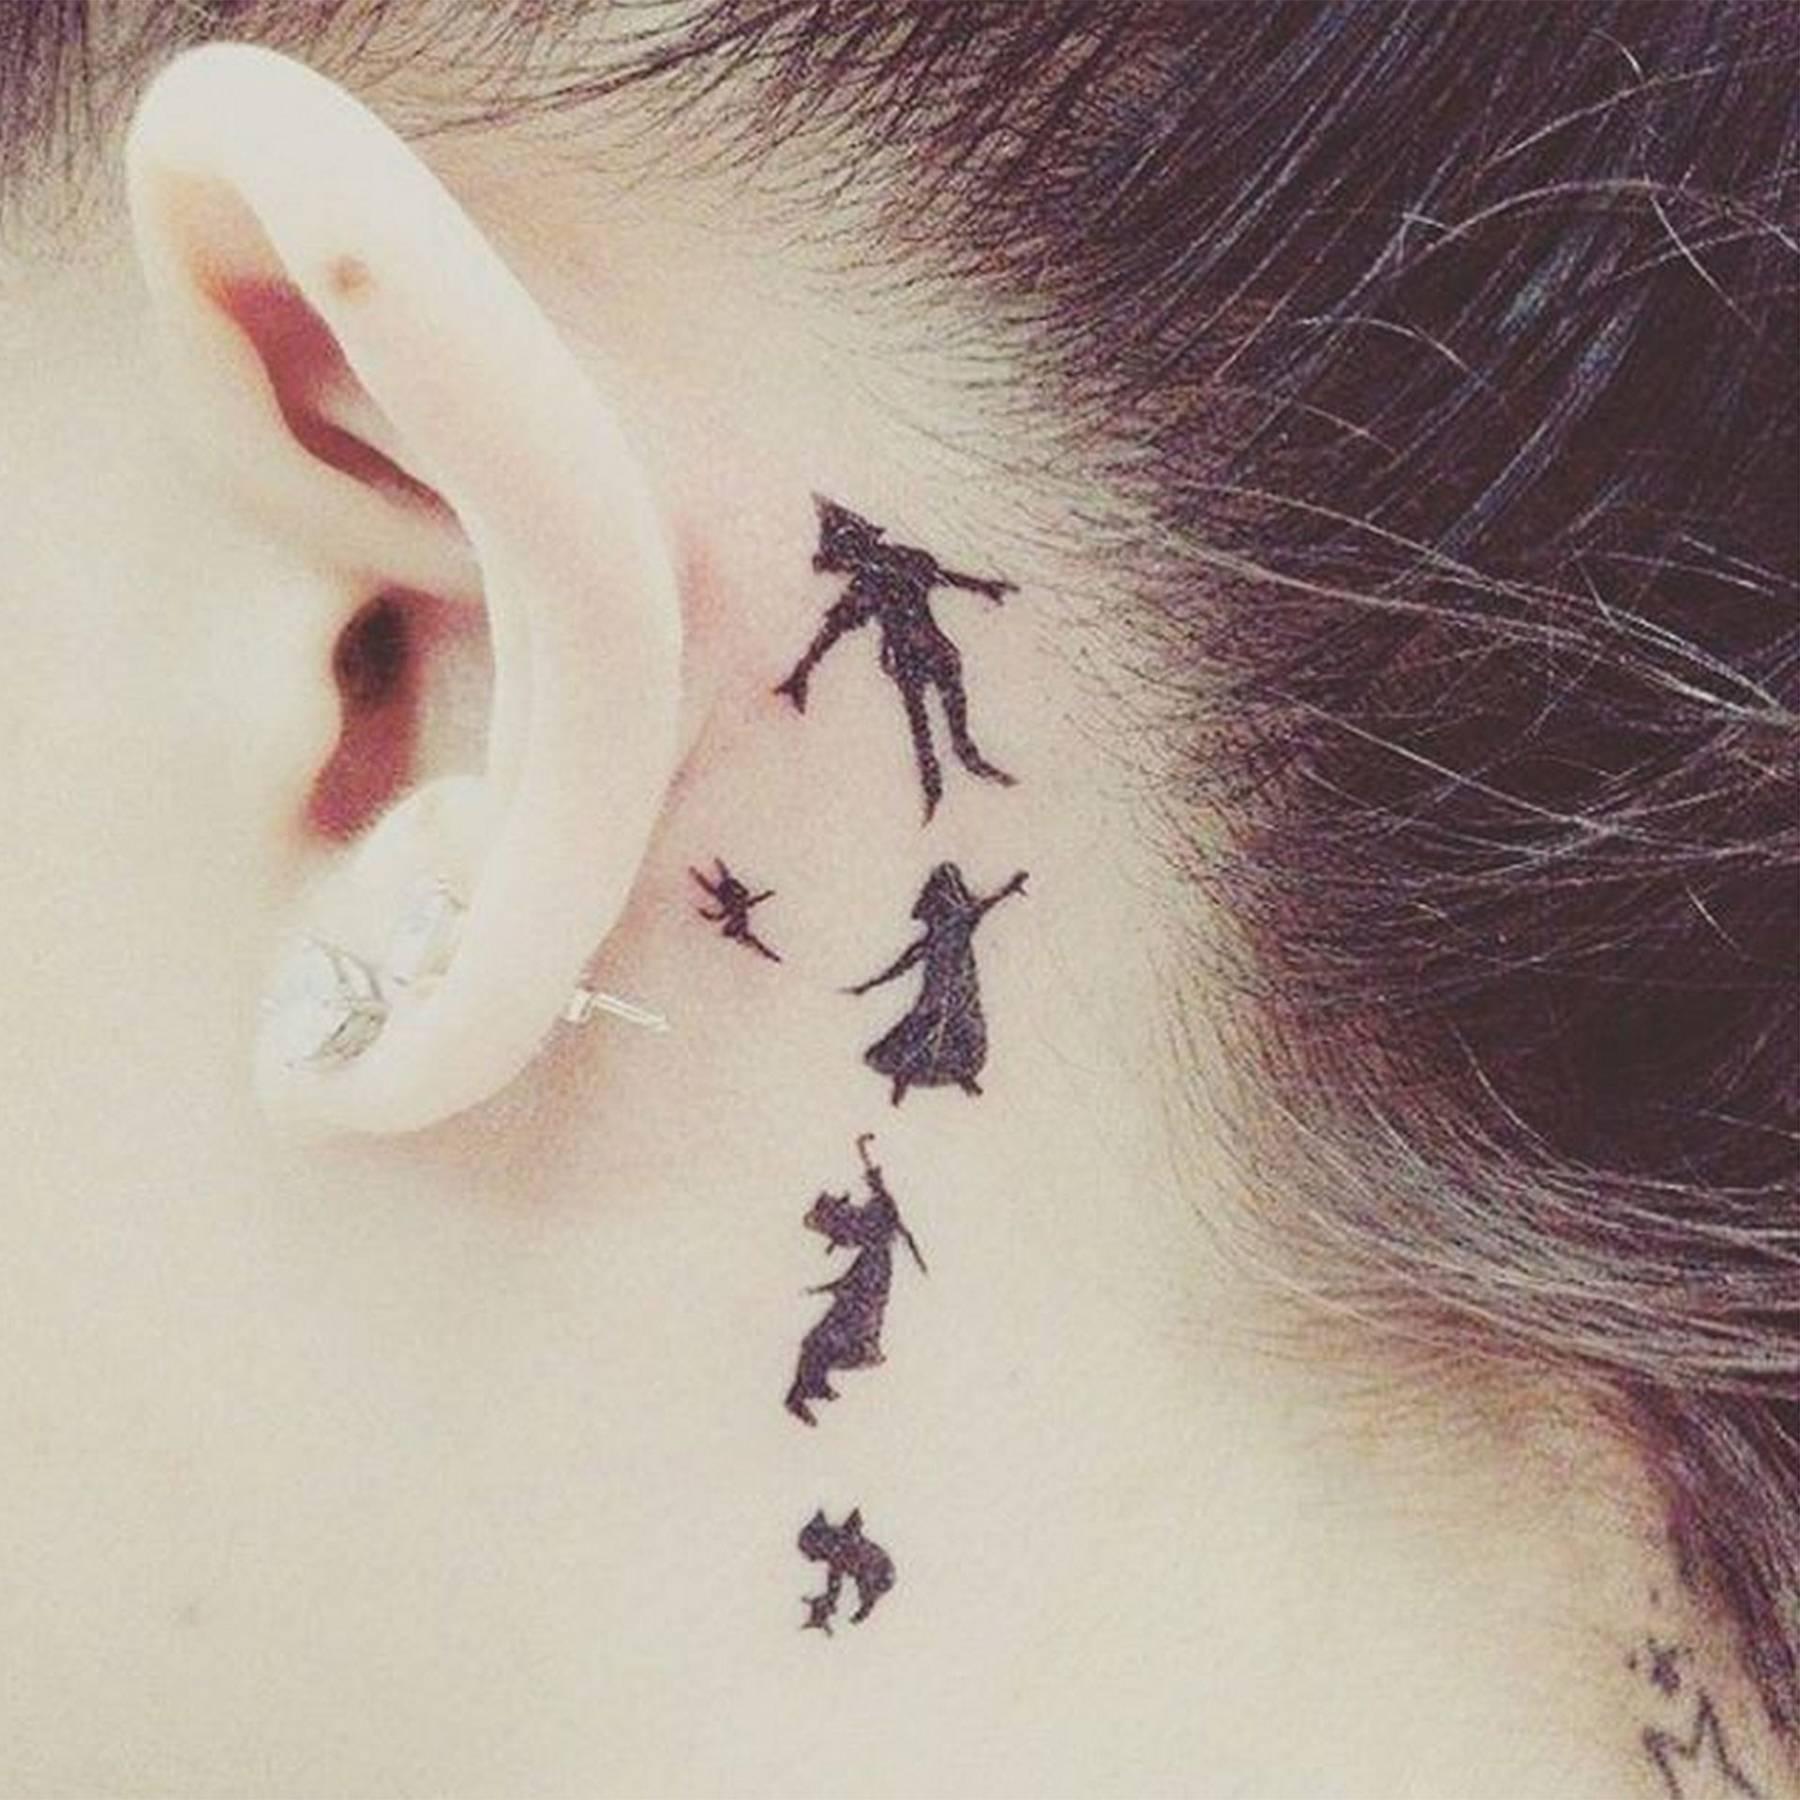 Disney Inspired Tattoos From Instagram Glamour Uk